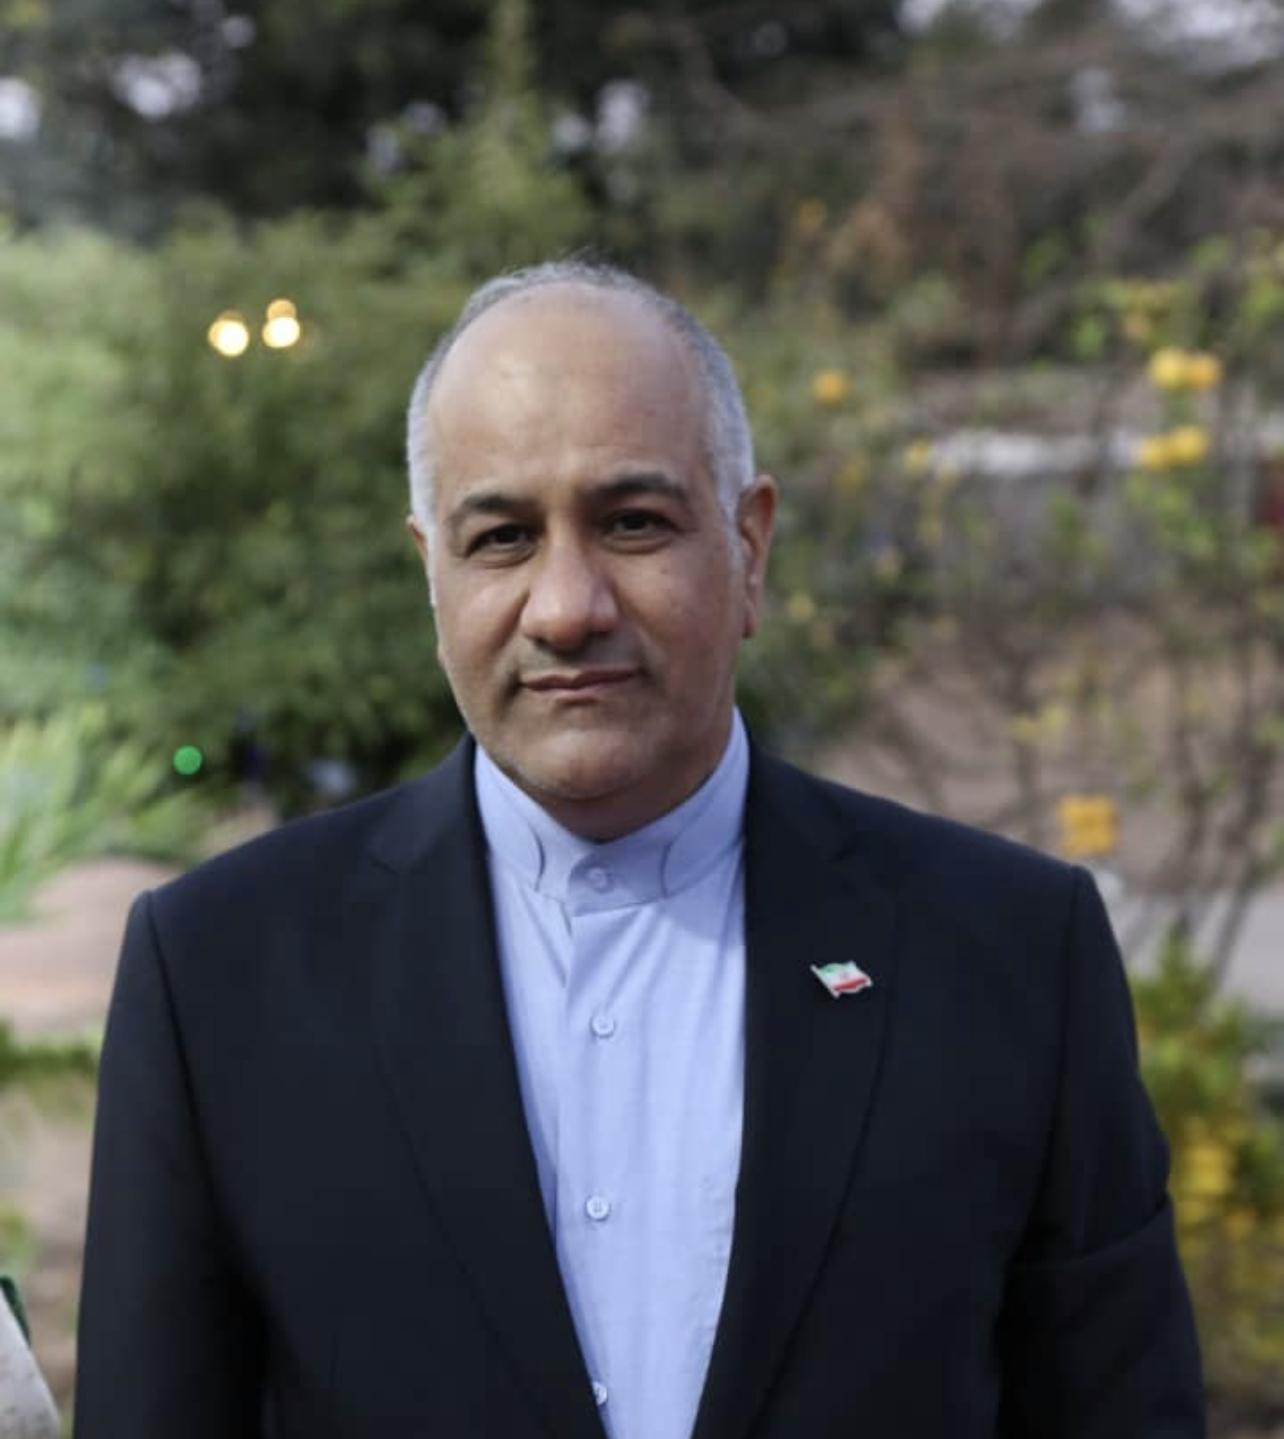 Mohammad Reza Dehshiri, ambassadeur de l'Iran au Sénégal : « La présence américaine en Afghanistan n'avait rien à voir avec les événements du 11 septembre »